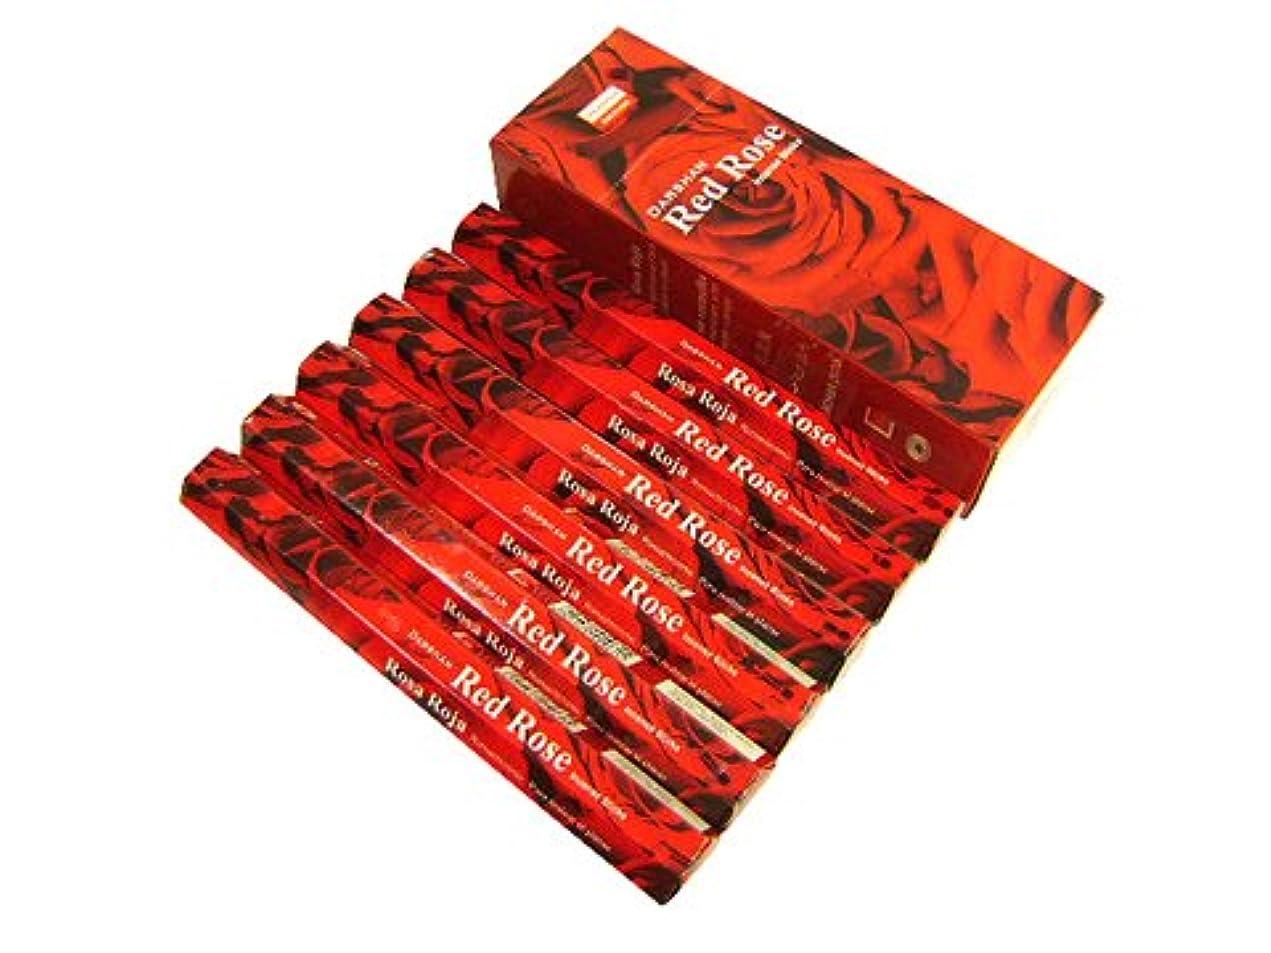 打ち上げる緊張するダンプDARSHAN(ダルシャン) レッドローズ香 スティック RED ROSE 6箱セット